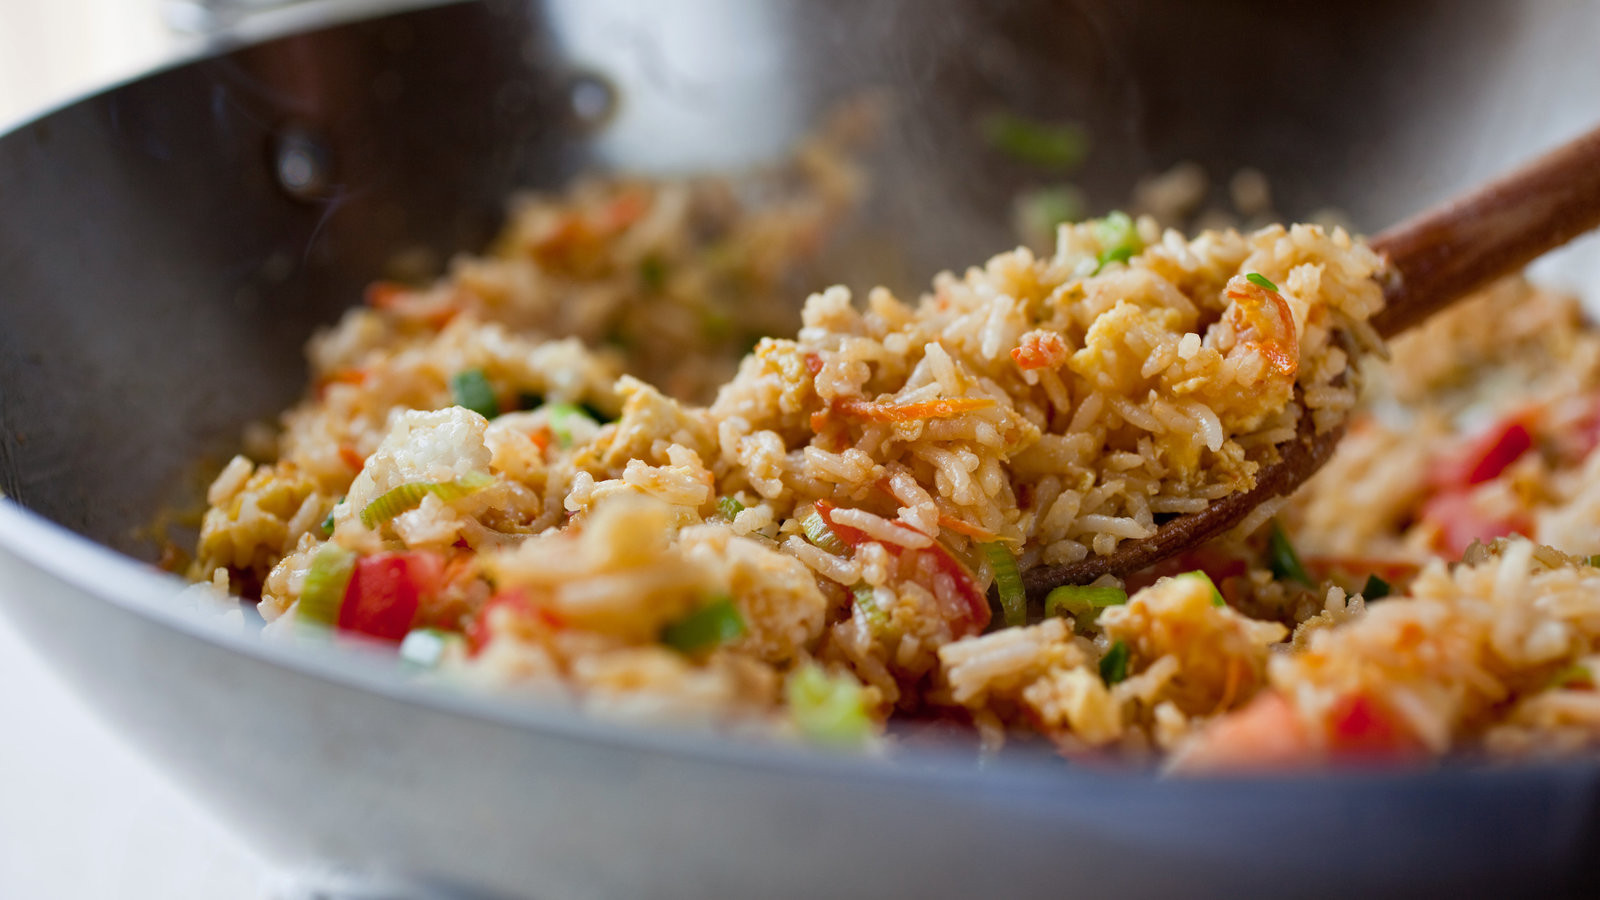 viet chicken fried rice.jpg